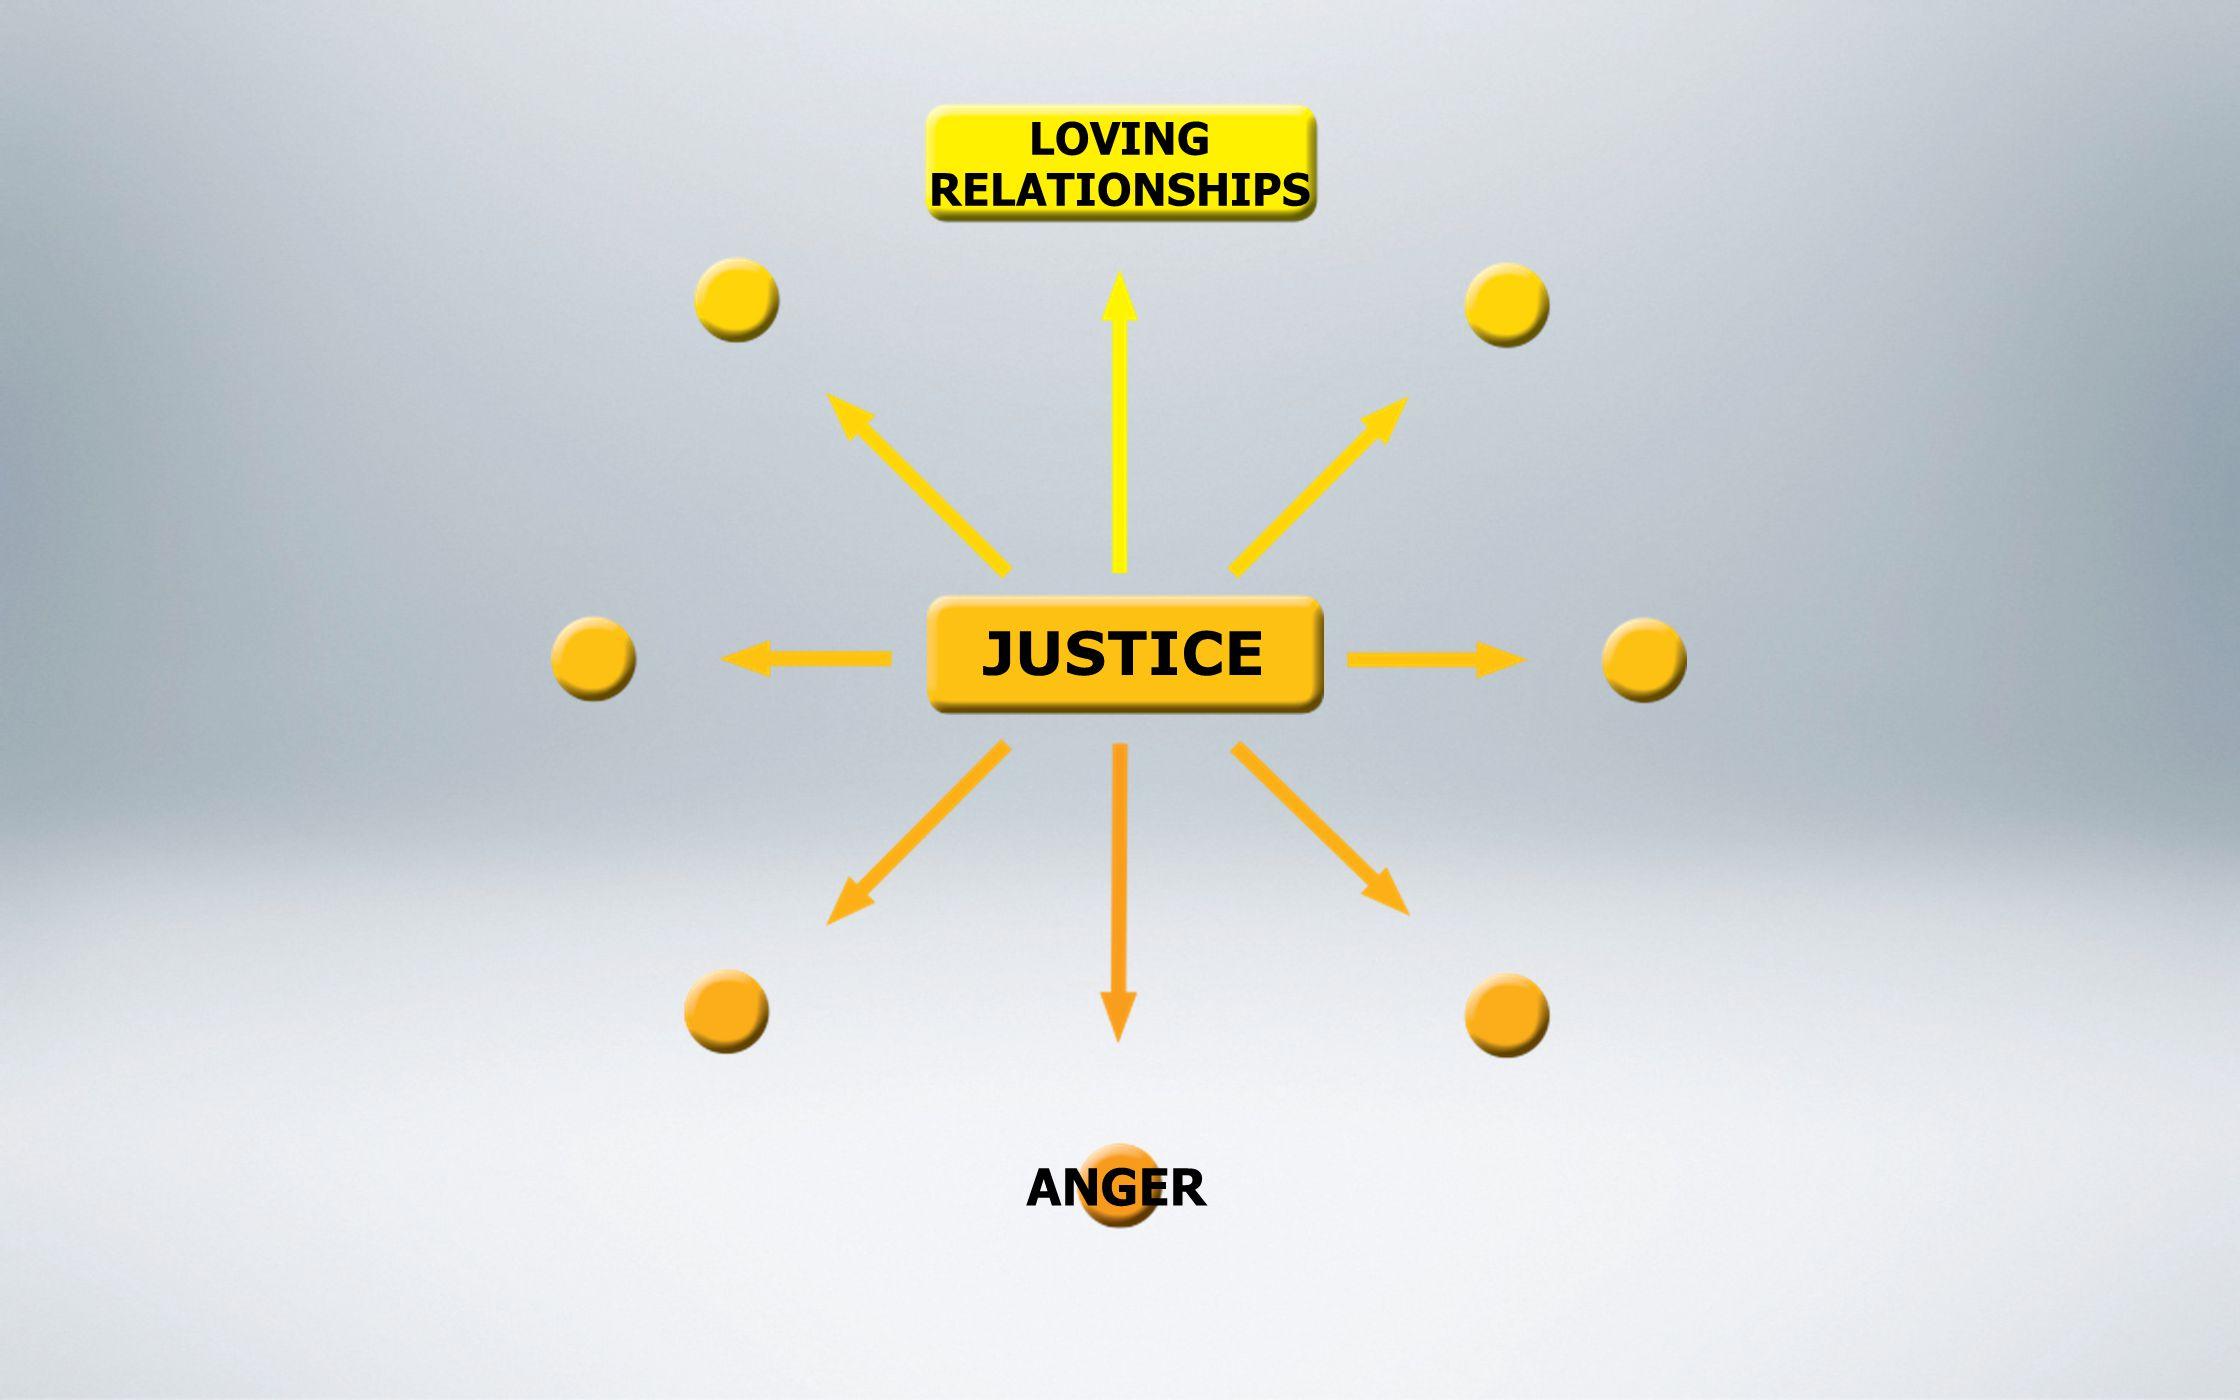 ANGER LOVING RELATIONSHIPS JUSTICE